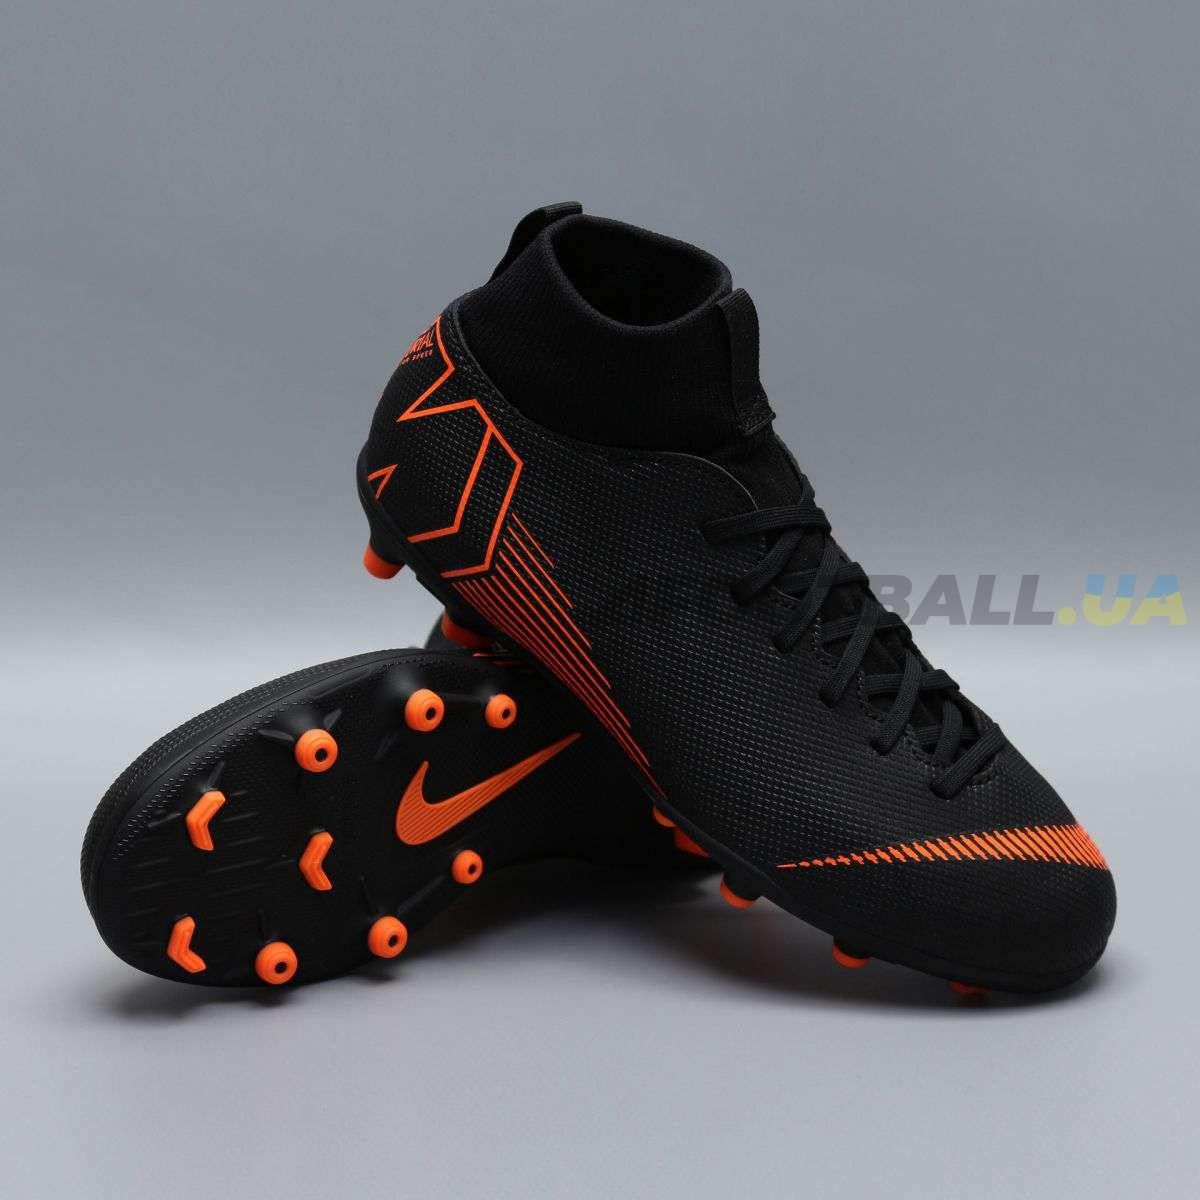 Nike Mercurial — купить футбольные бутсы Найк Меркуриал Vapor ... 8f4d679568c7b